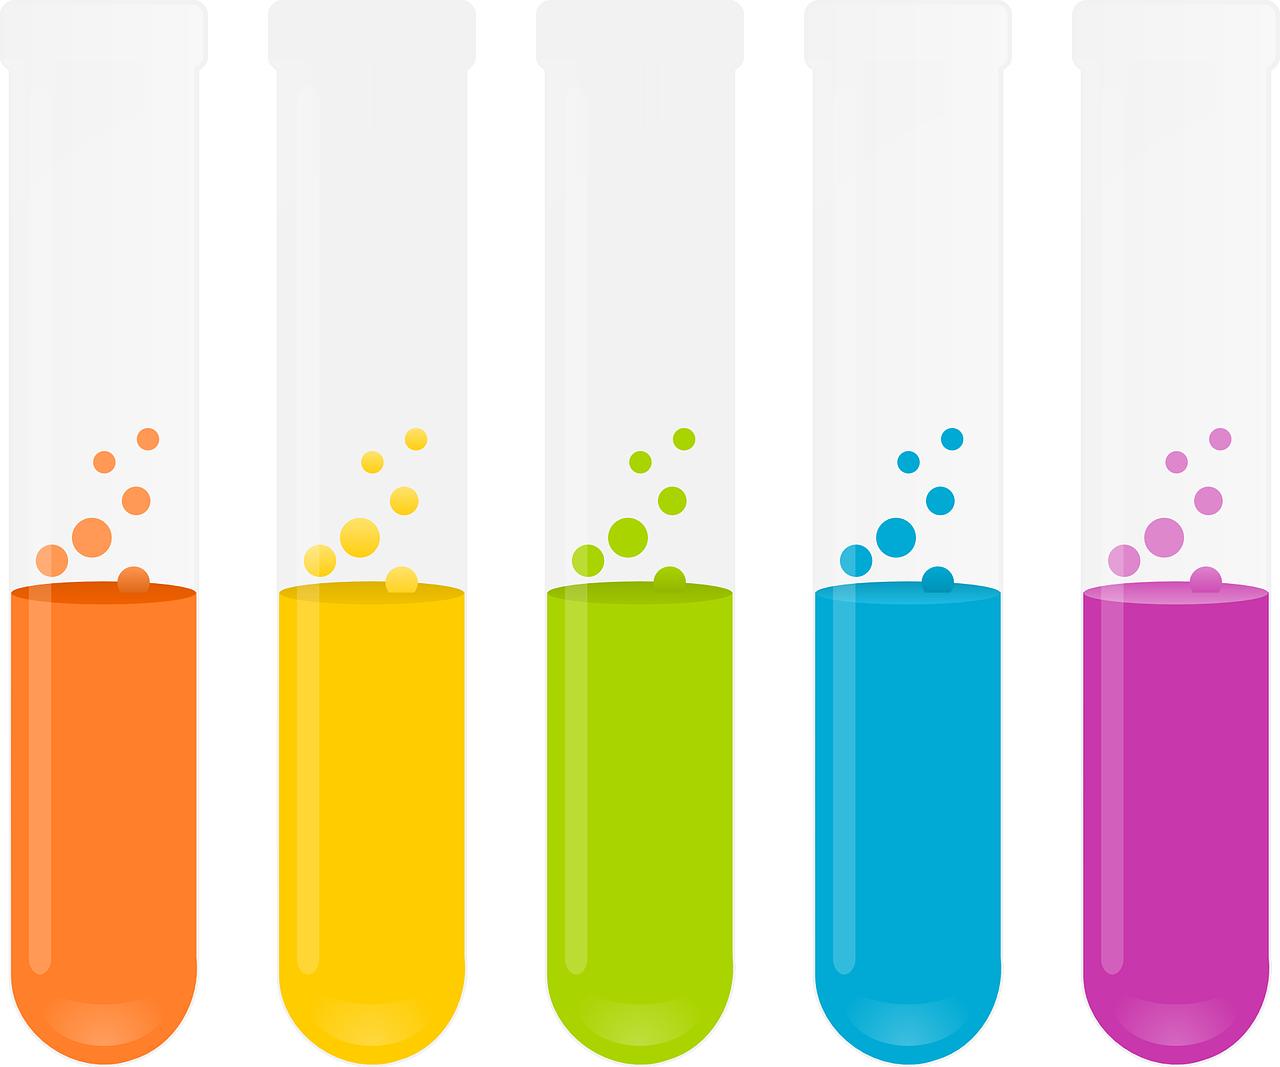 Dibujo de unos tubos de ensayo con líquidos de diferentes colores